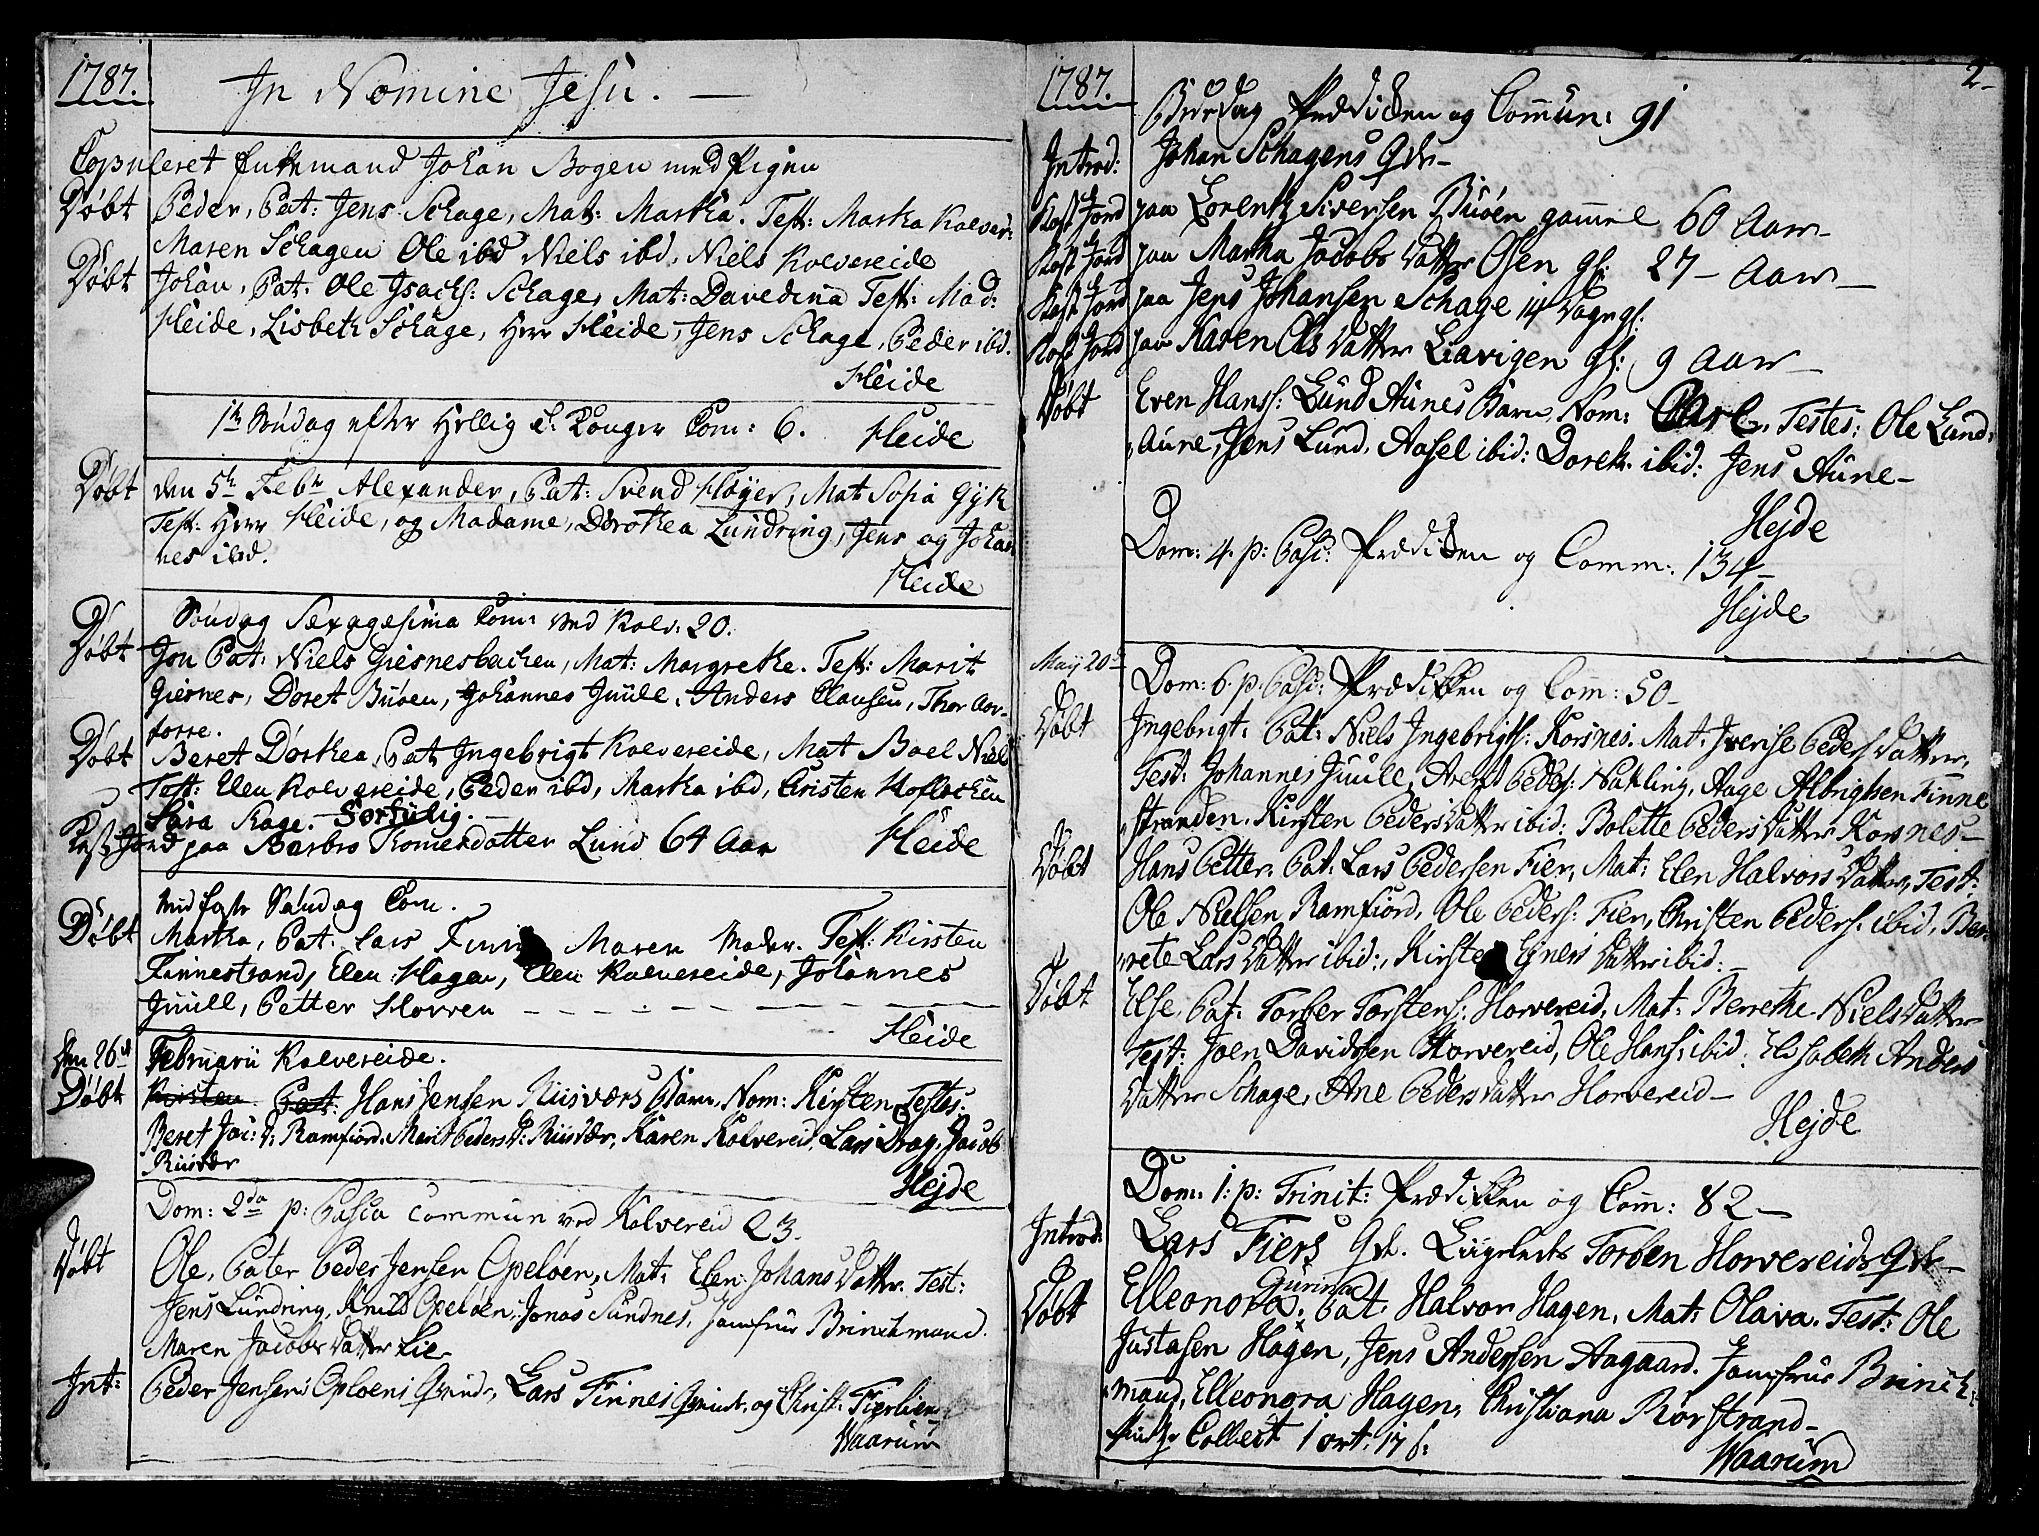 SAT, Ministerialprotokoller, klokkerbøker og fødselsregistre - Nord-Trøndelag, 780/L0633: Ministerialbok nr. 780A02 /1, 1787-1814, s. 2